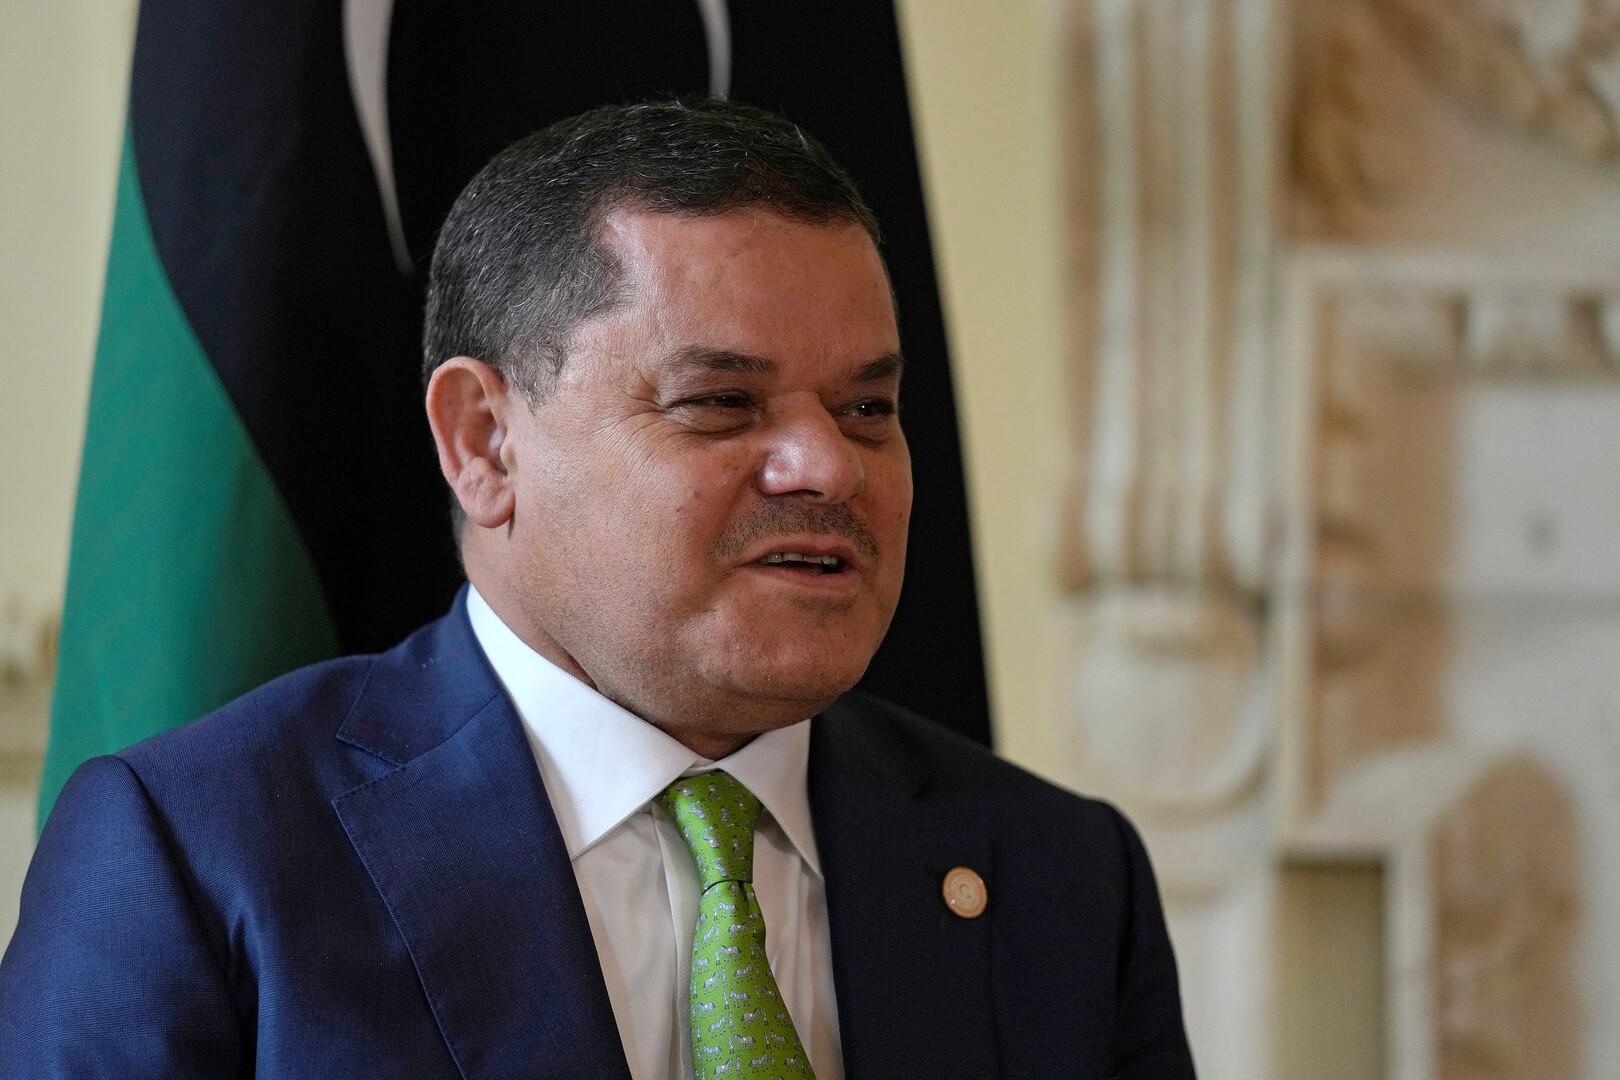 رئيس حكومة الوحدة الوطنية الليبية وعدد من وزرائها يصلون إلى طبرق لحضور جلسة مساءلة في البرلمان